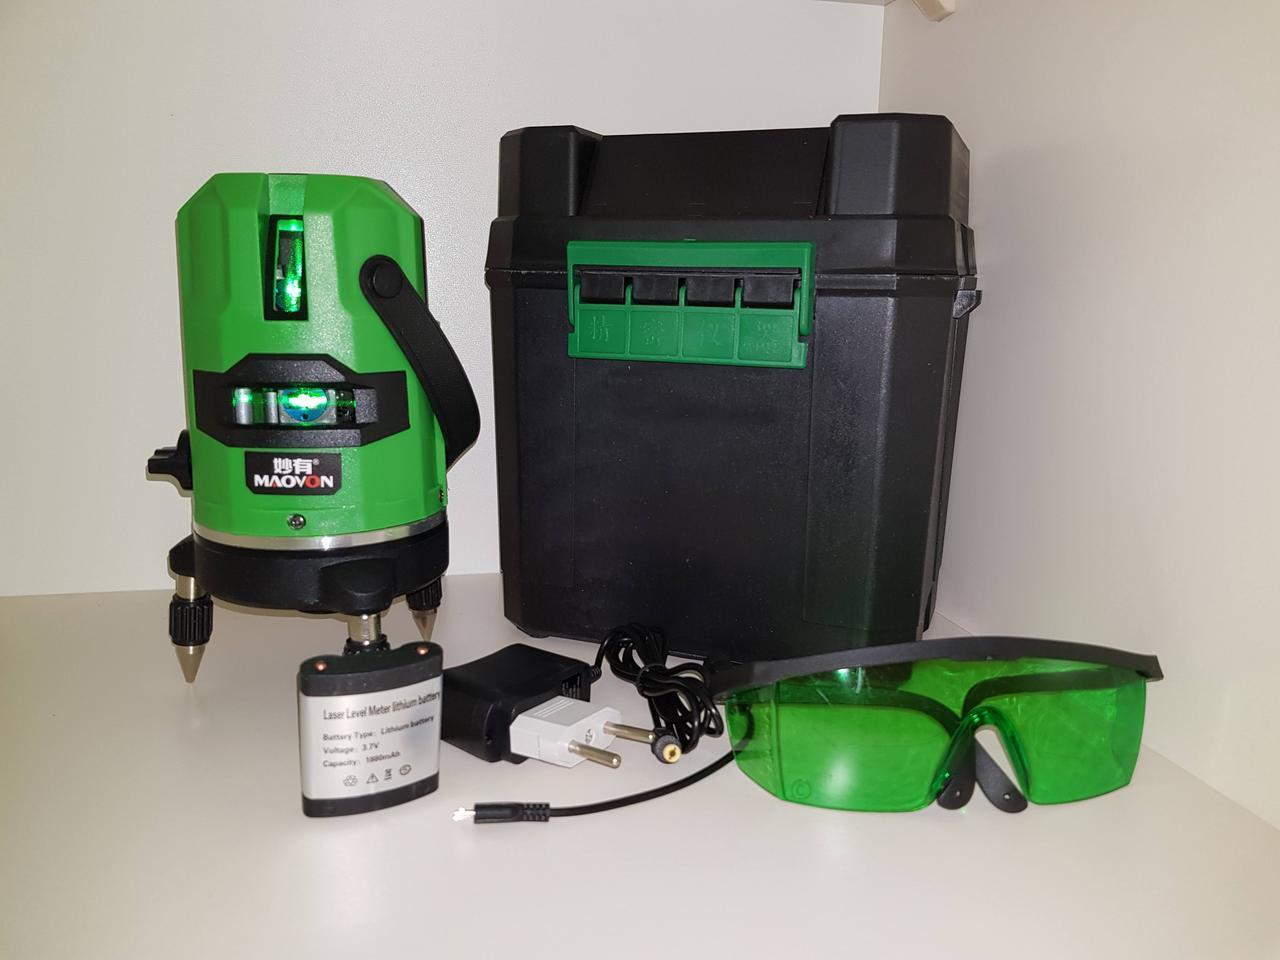 Лазерный уровень MAOVON⛳️LI-ion 6000 mAh в подарок⛳️ СУПЕРЯРКИЙ Зеленый луч☀50м☀